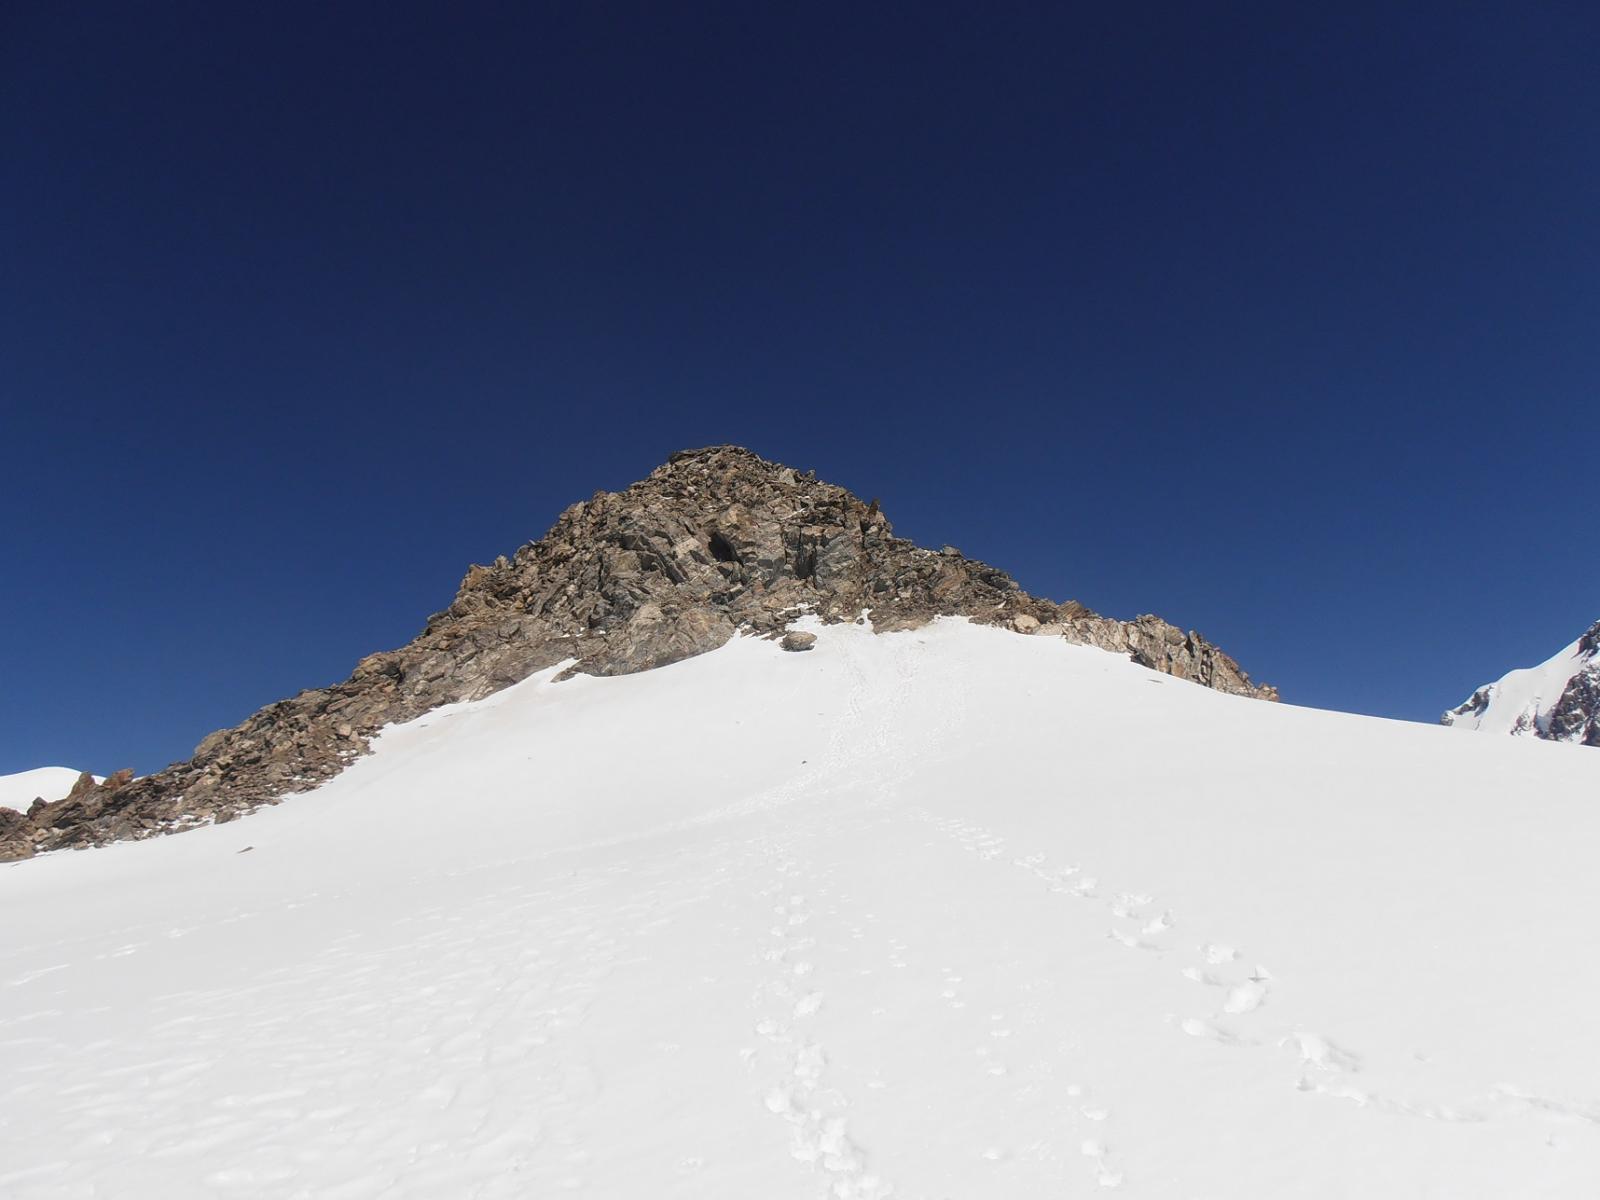 10 - sotto le ultime roccette per raggiungere la cima